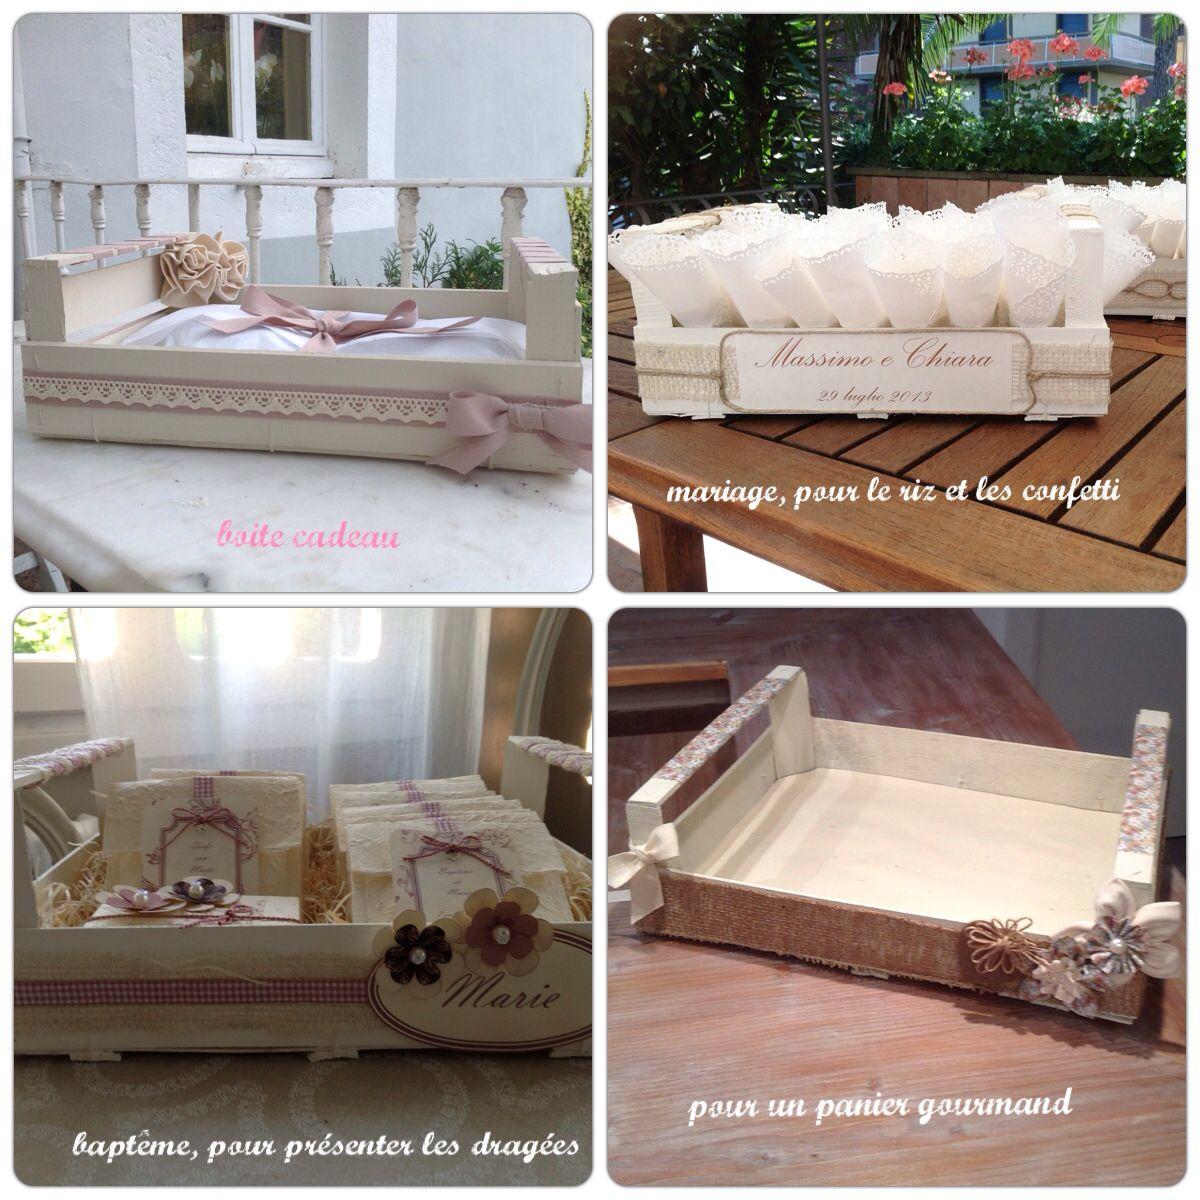 d co cagette cagettes de cl mentines pinterest cagette caisse et d co fa ade ext rieure. Black Bedroom Furniture Sets. Home Design Ideas